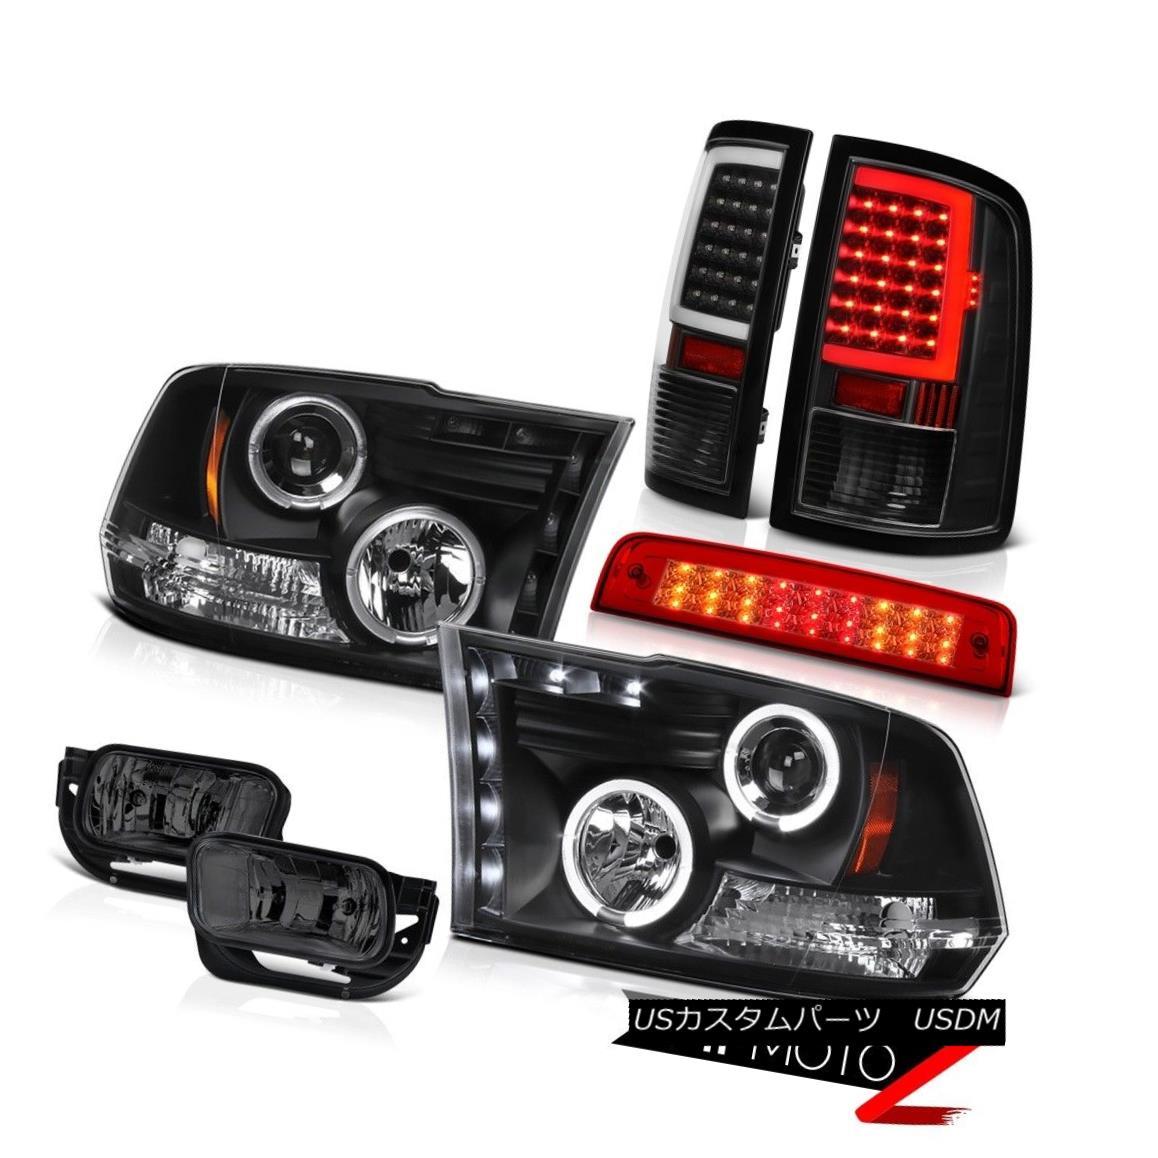 テールライト 2009-2013 Dodge RAM 1500 Inky Black Tail Lights Brake Fog Lamp Head Lamps PAIR 2009-2013ダッジRAM 1500 Inky BlackテールライトブレーキフォグランプヘッドランプPAIR